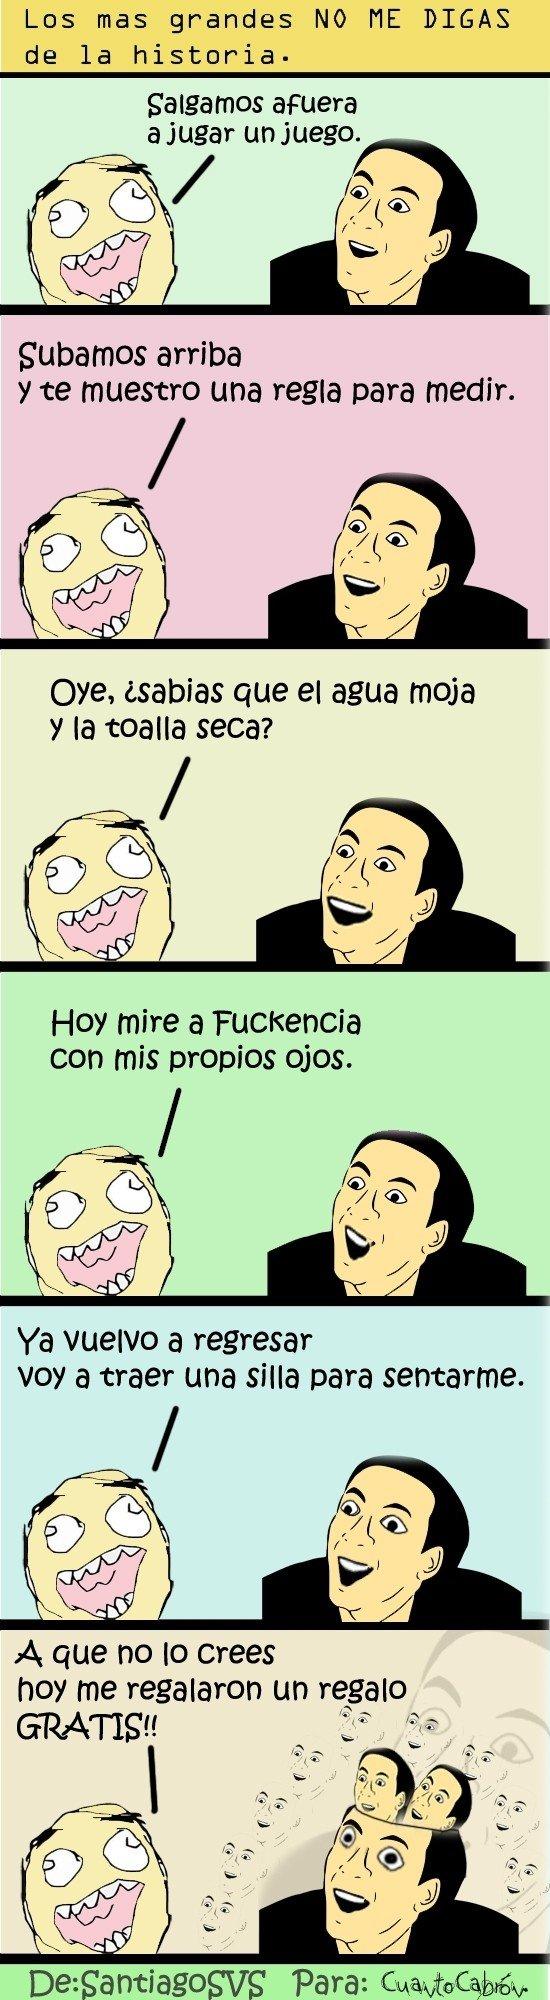 No_me_digas - Memehistorias de ''No me digas''